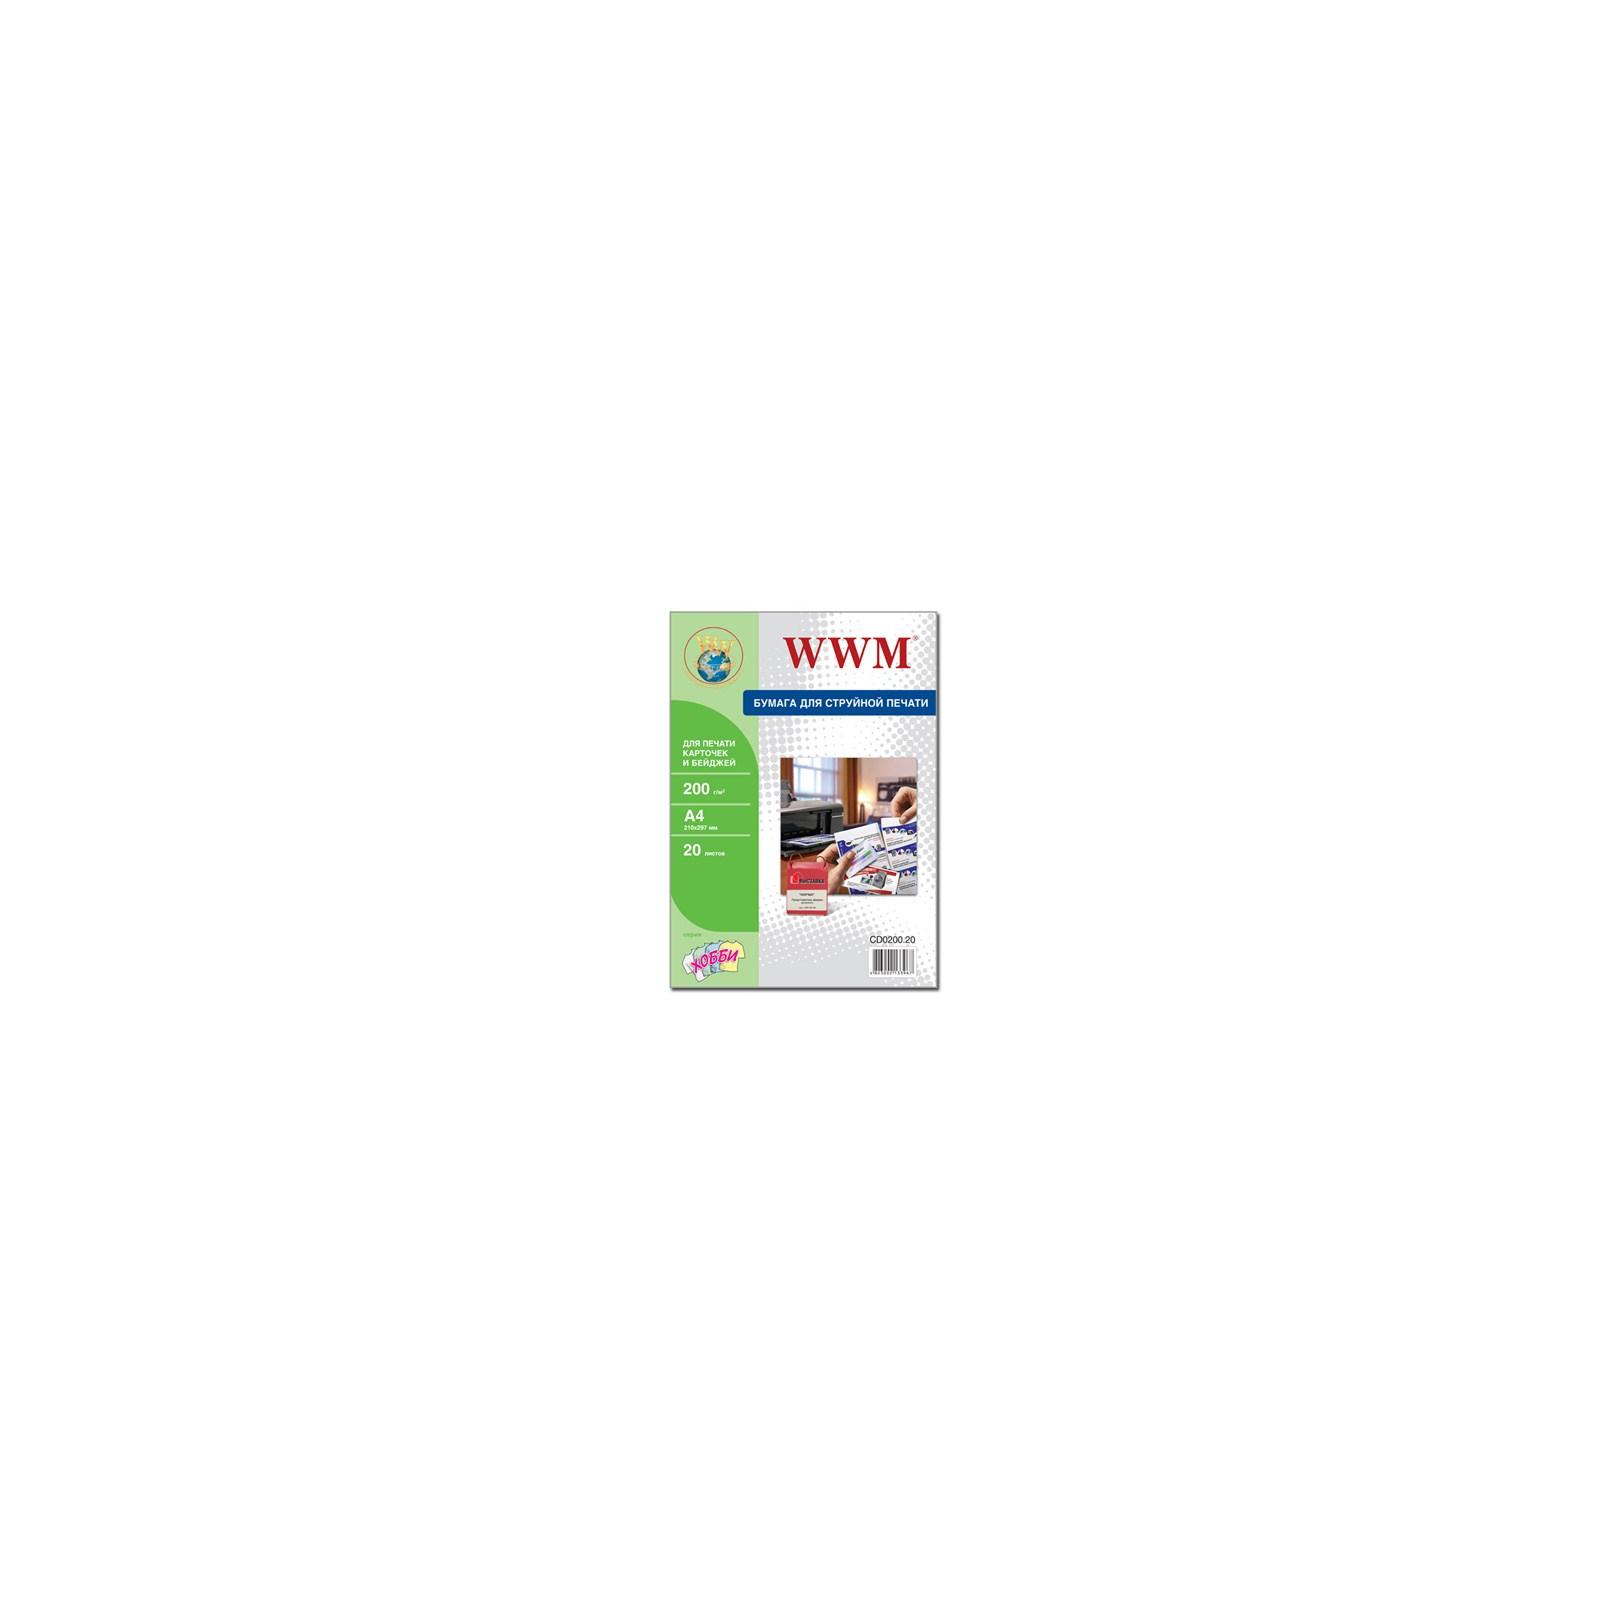 Бумага WWM A4 (CD0200.20)